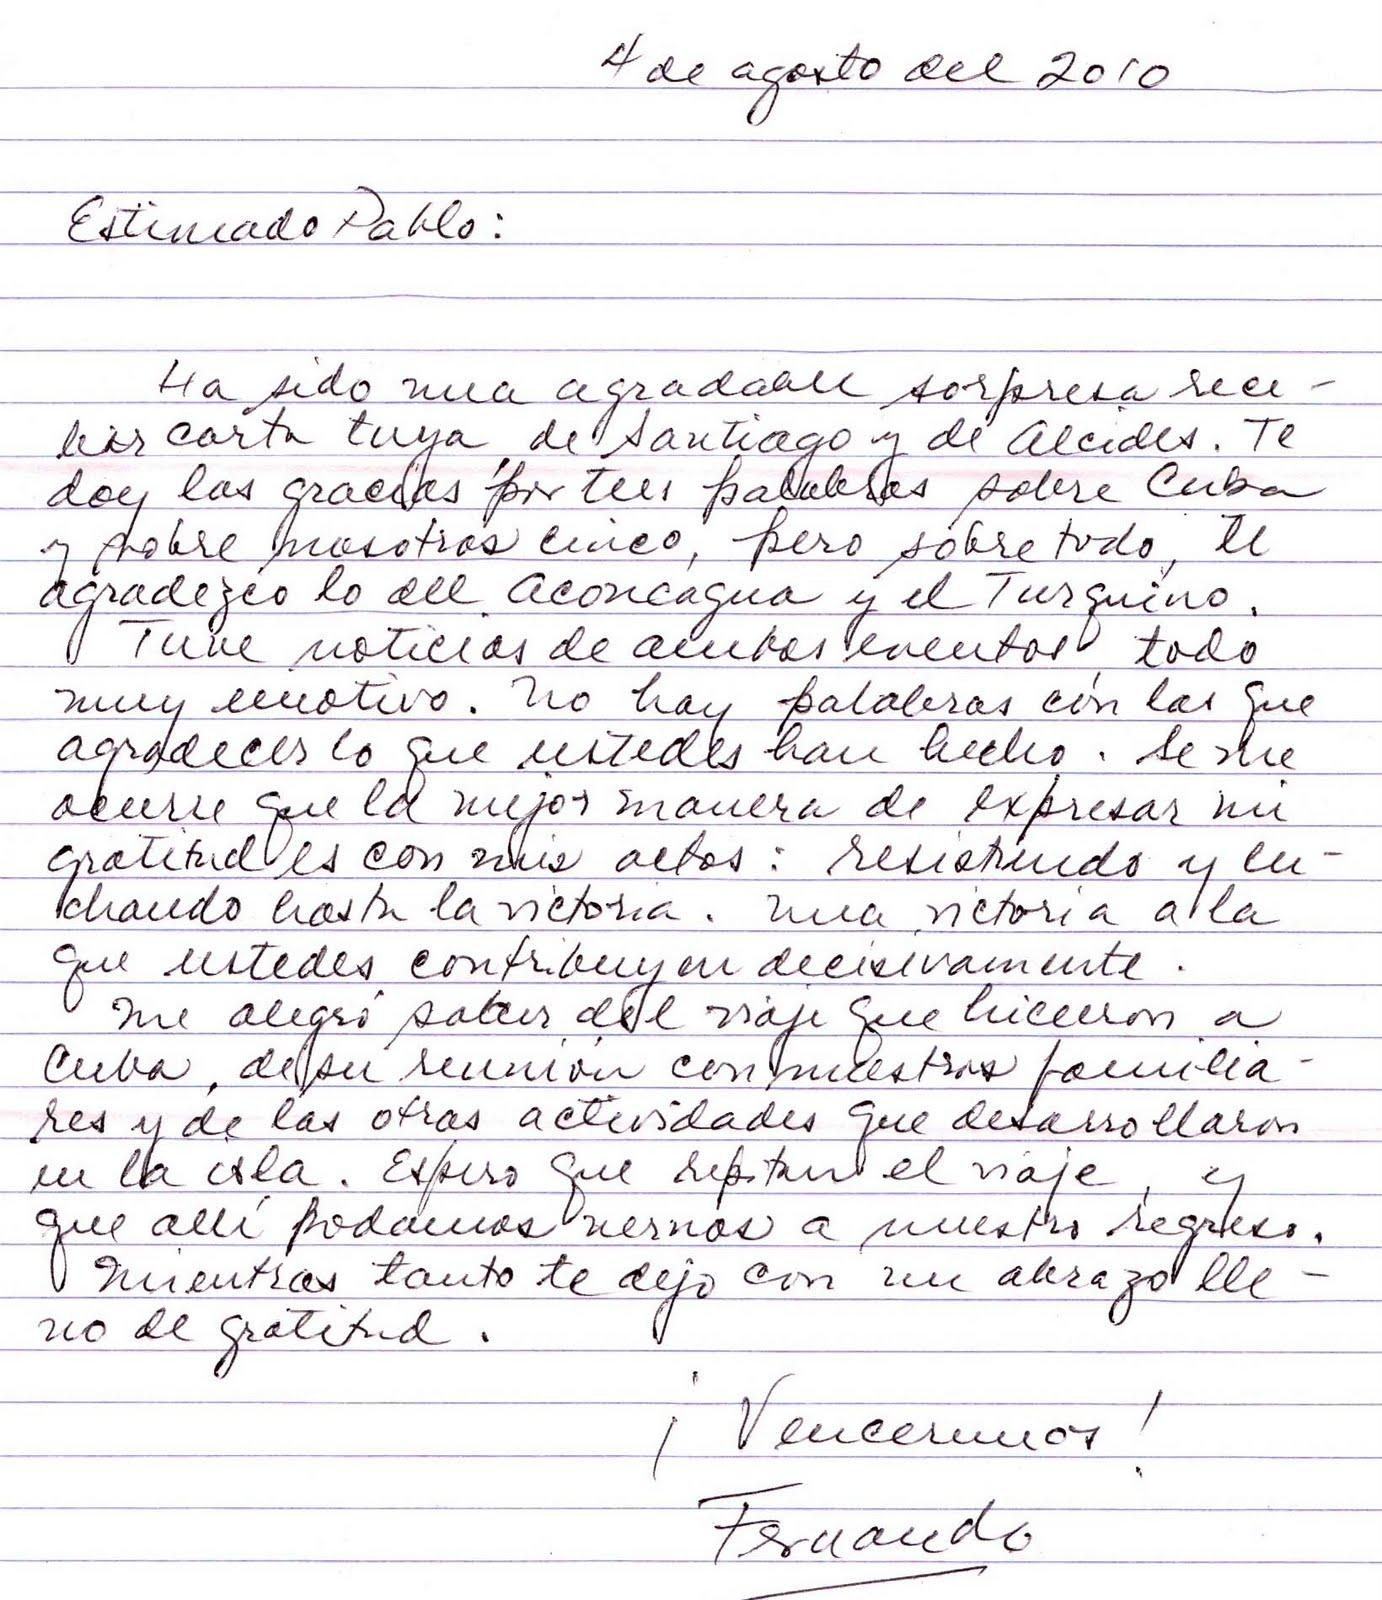 Inmigracion Mi De Perdon Esposo Carta Para